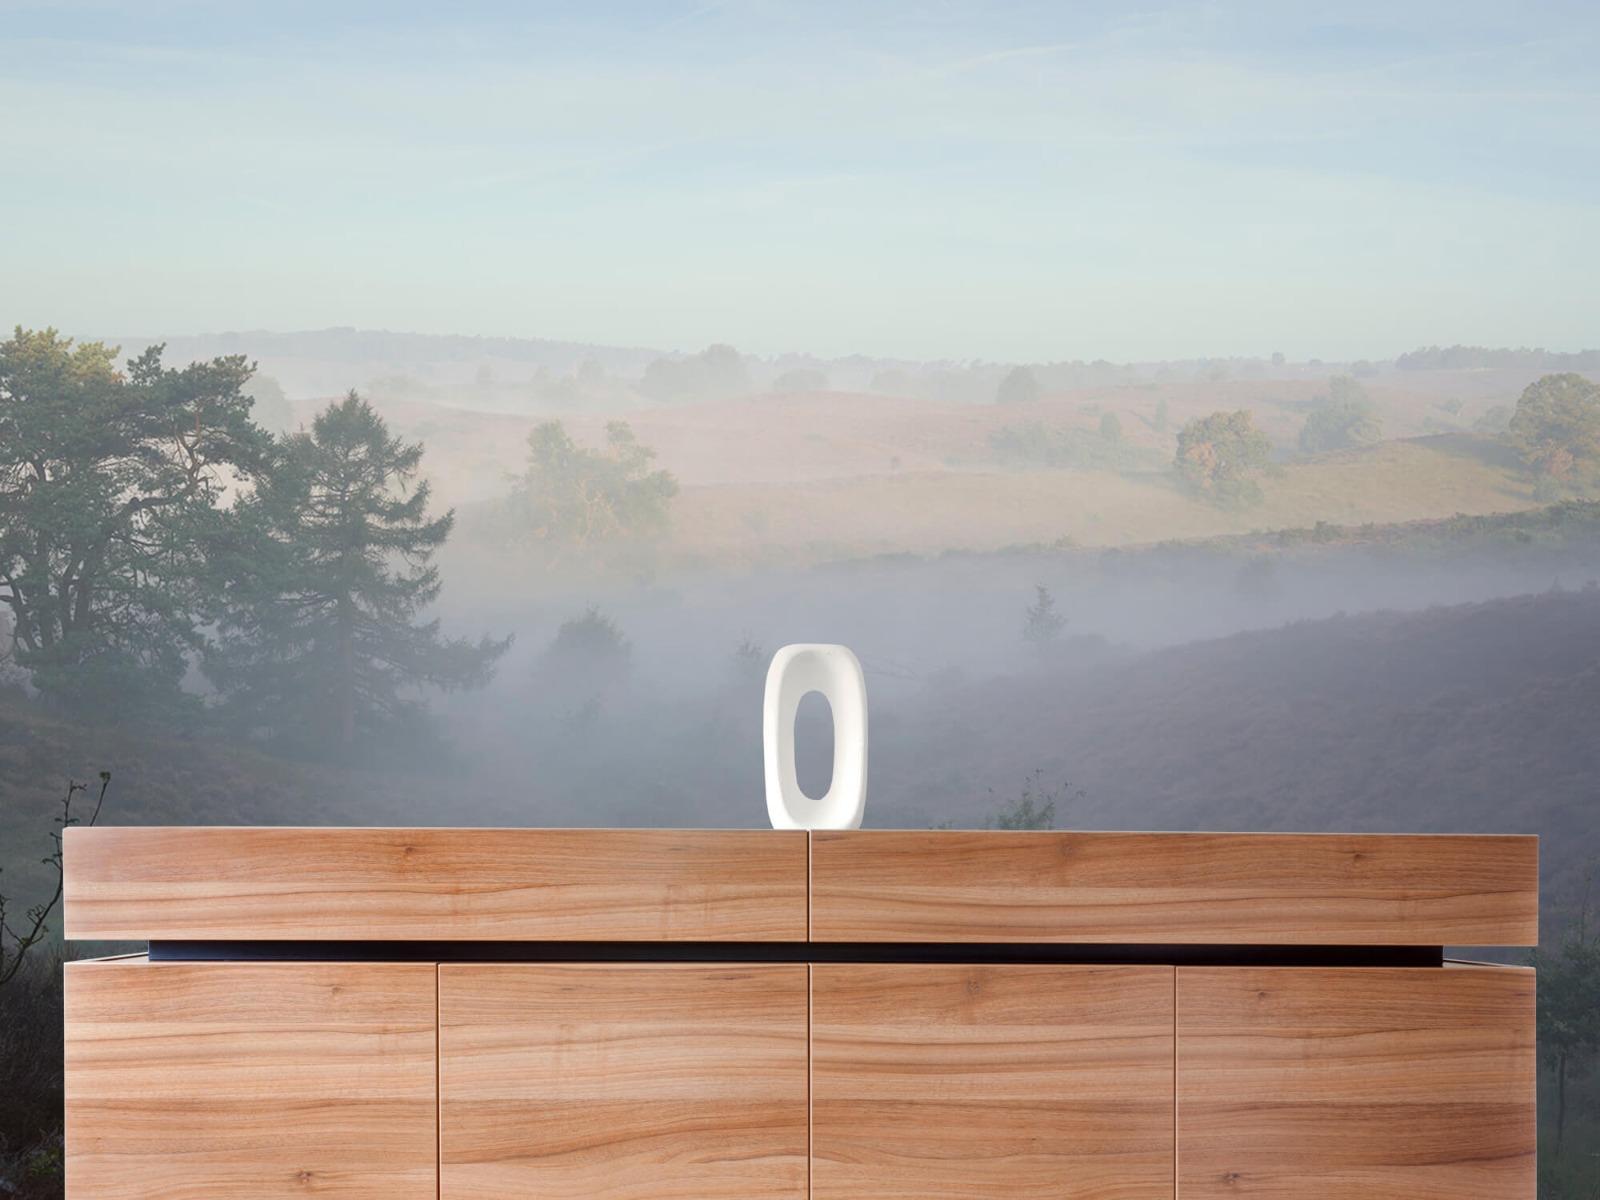 Landschap - Mist op de hei - Slaapkamer 20